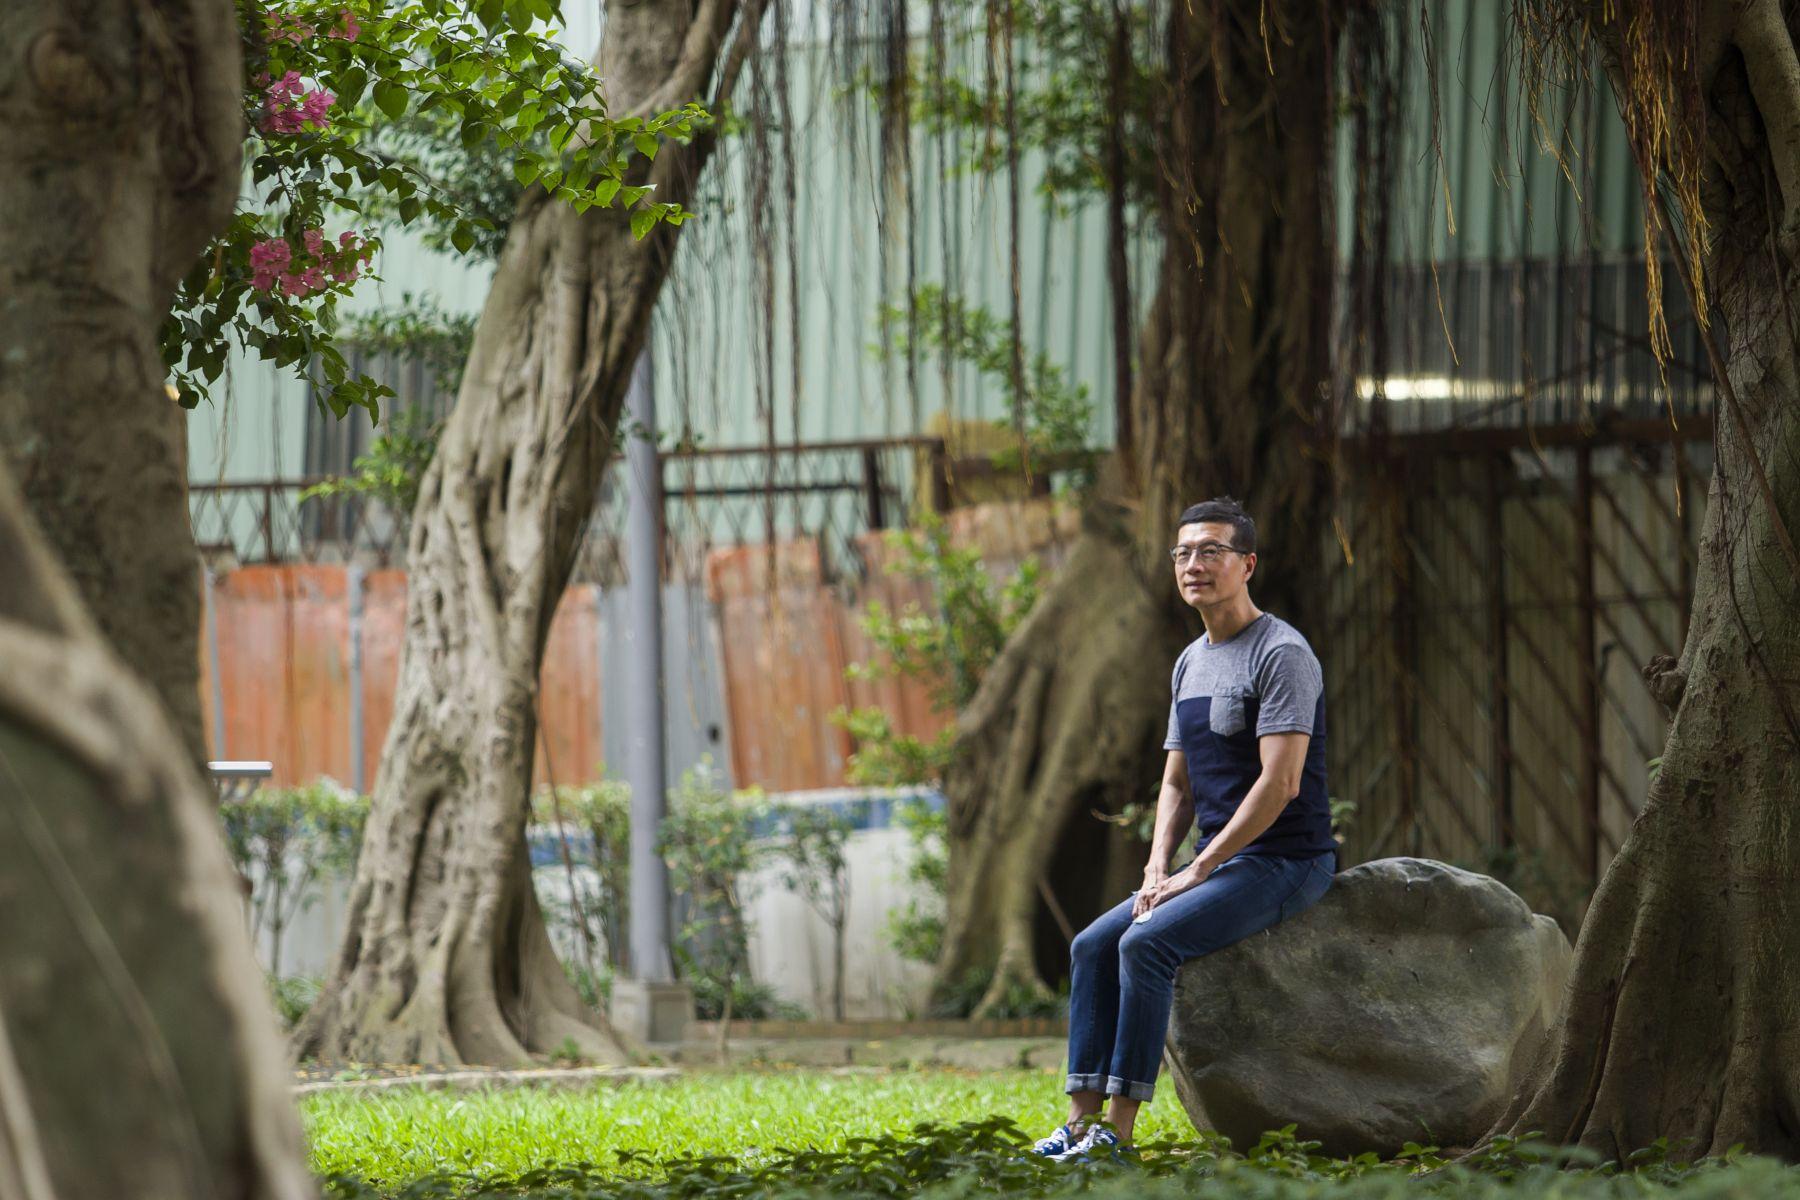 爸爸住院4個月就離世 吳若權:原來死亡這麼近,交代好「3遺」後,我要以樹葬告別